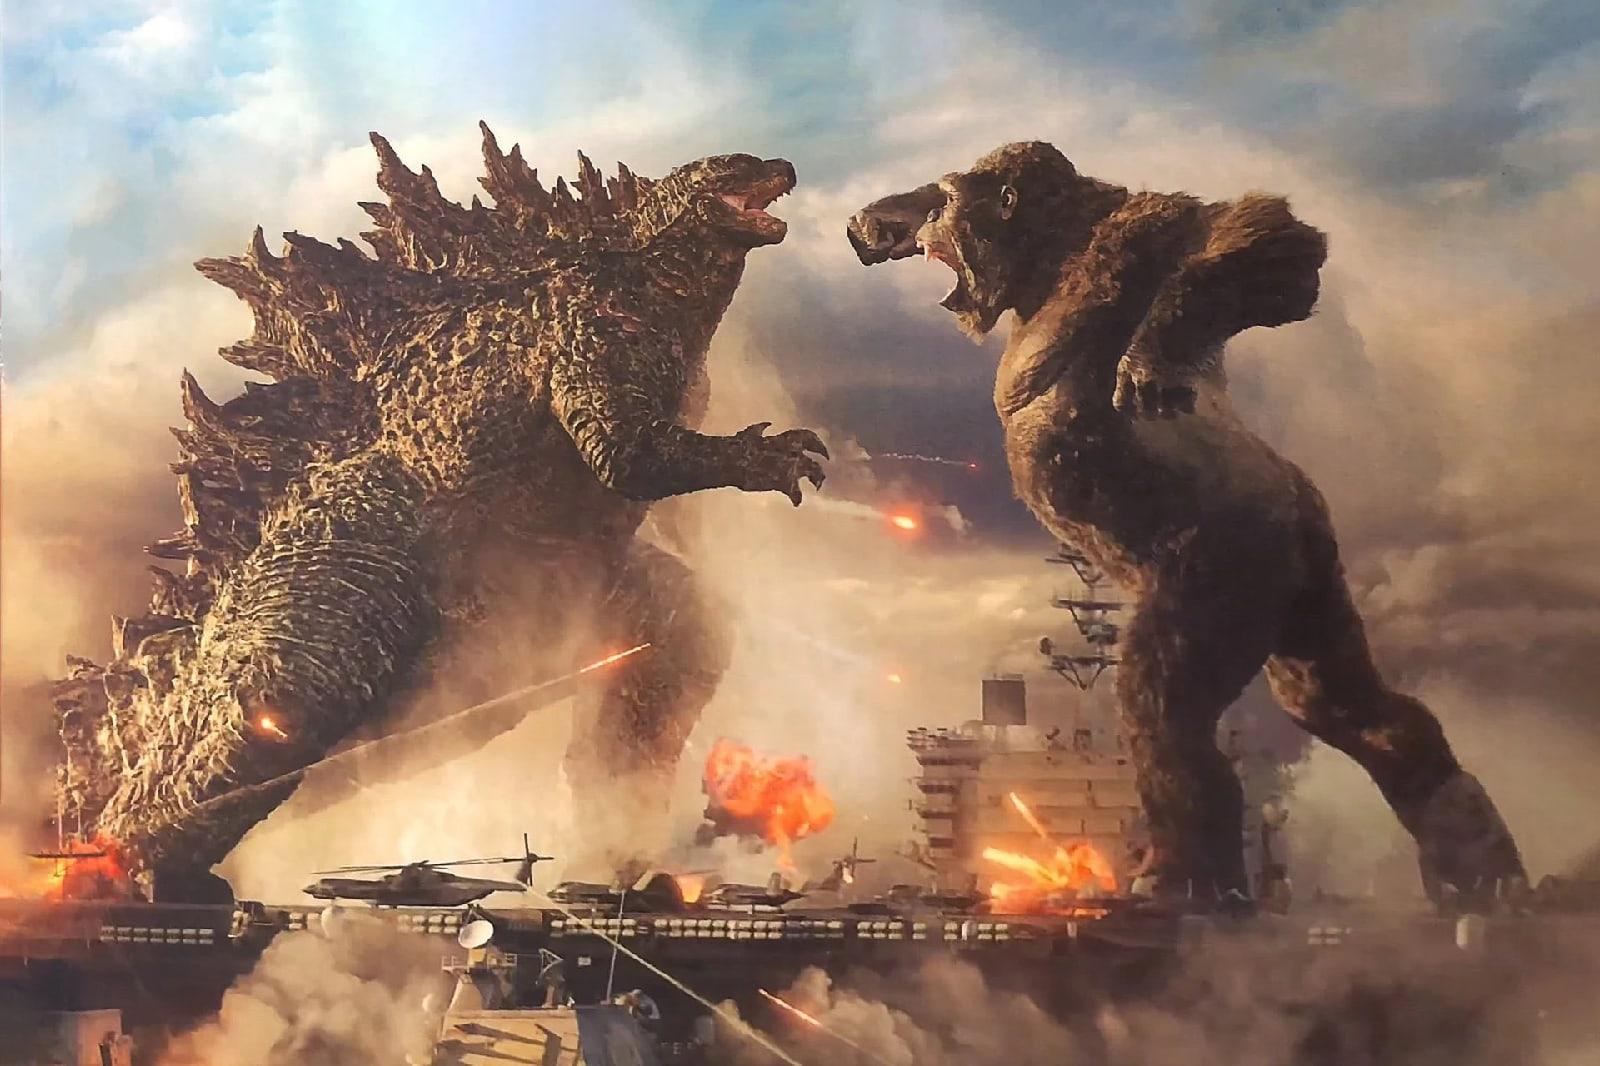 Νωρίτερα θα κάνει πρεμιέρα το Godzilla vs. Kong σε κινηματογράφους και HBO Max